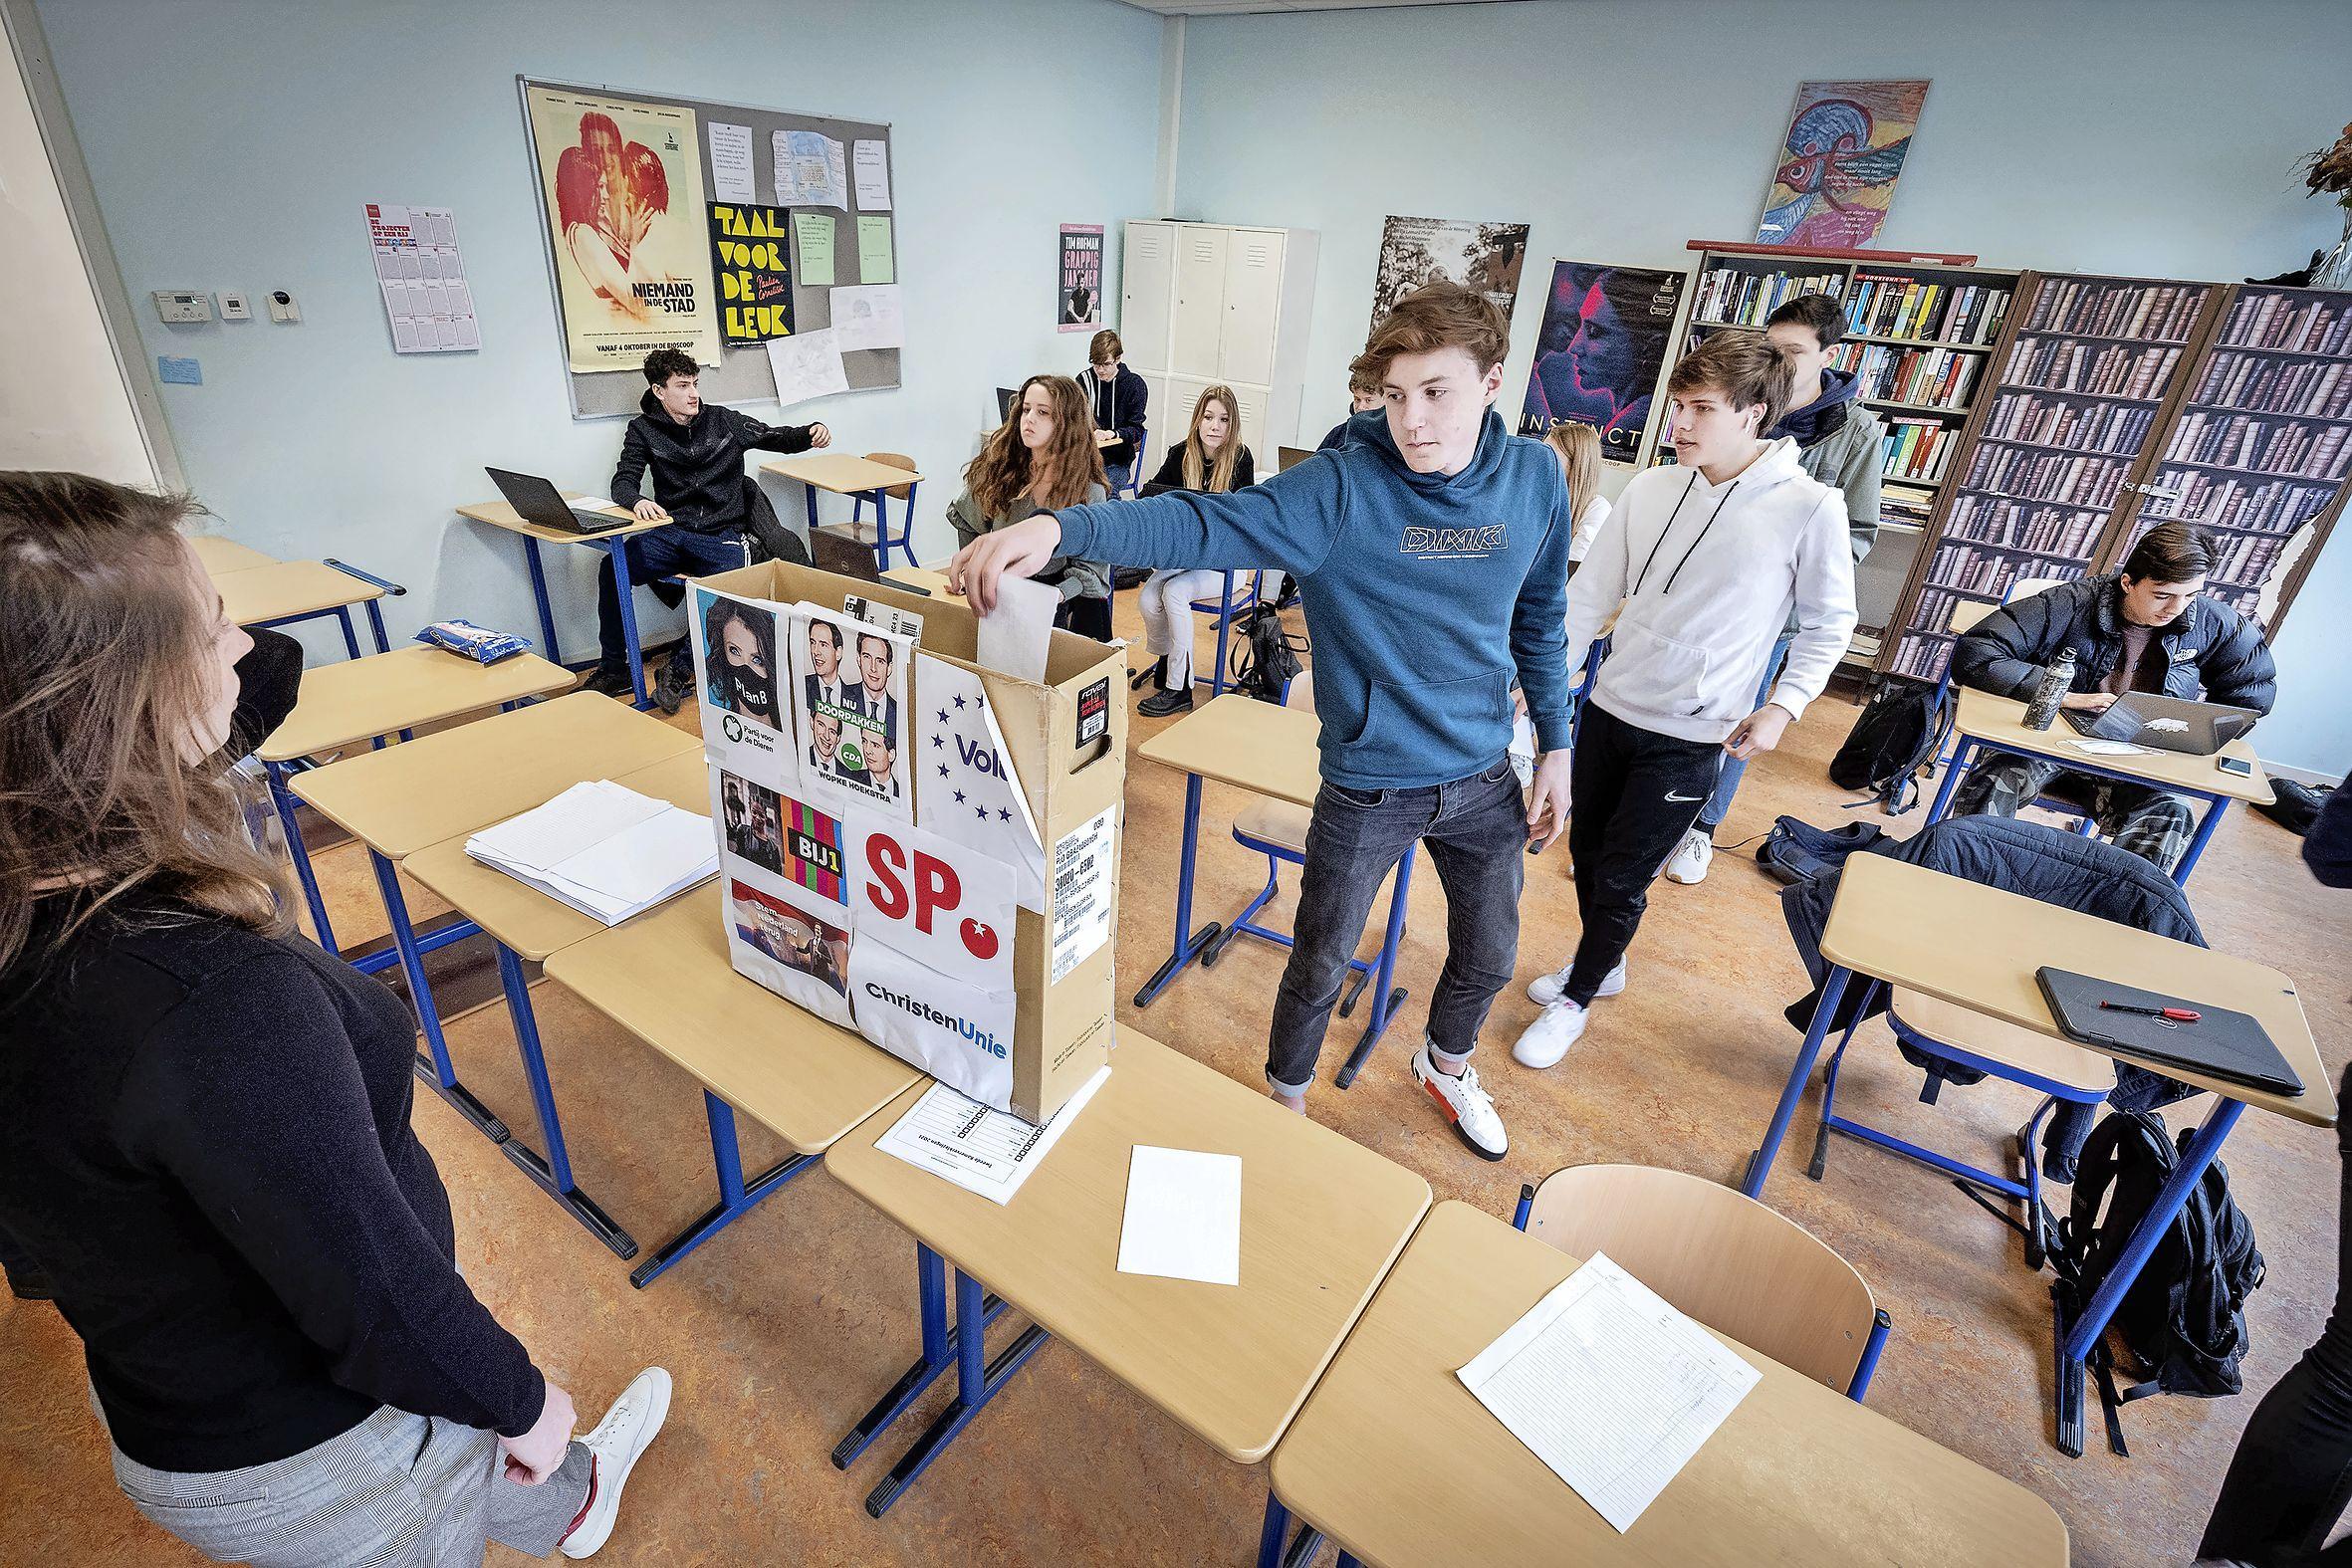 D66 wint nipt op het Ichthus Lyceum in Driehuis, net voor de VVD, scholieren stemmen vast voor de verkiezingen